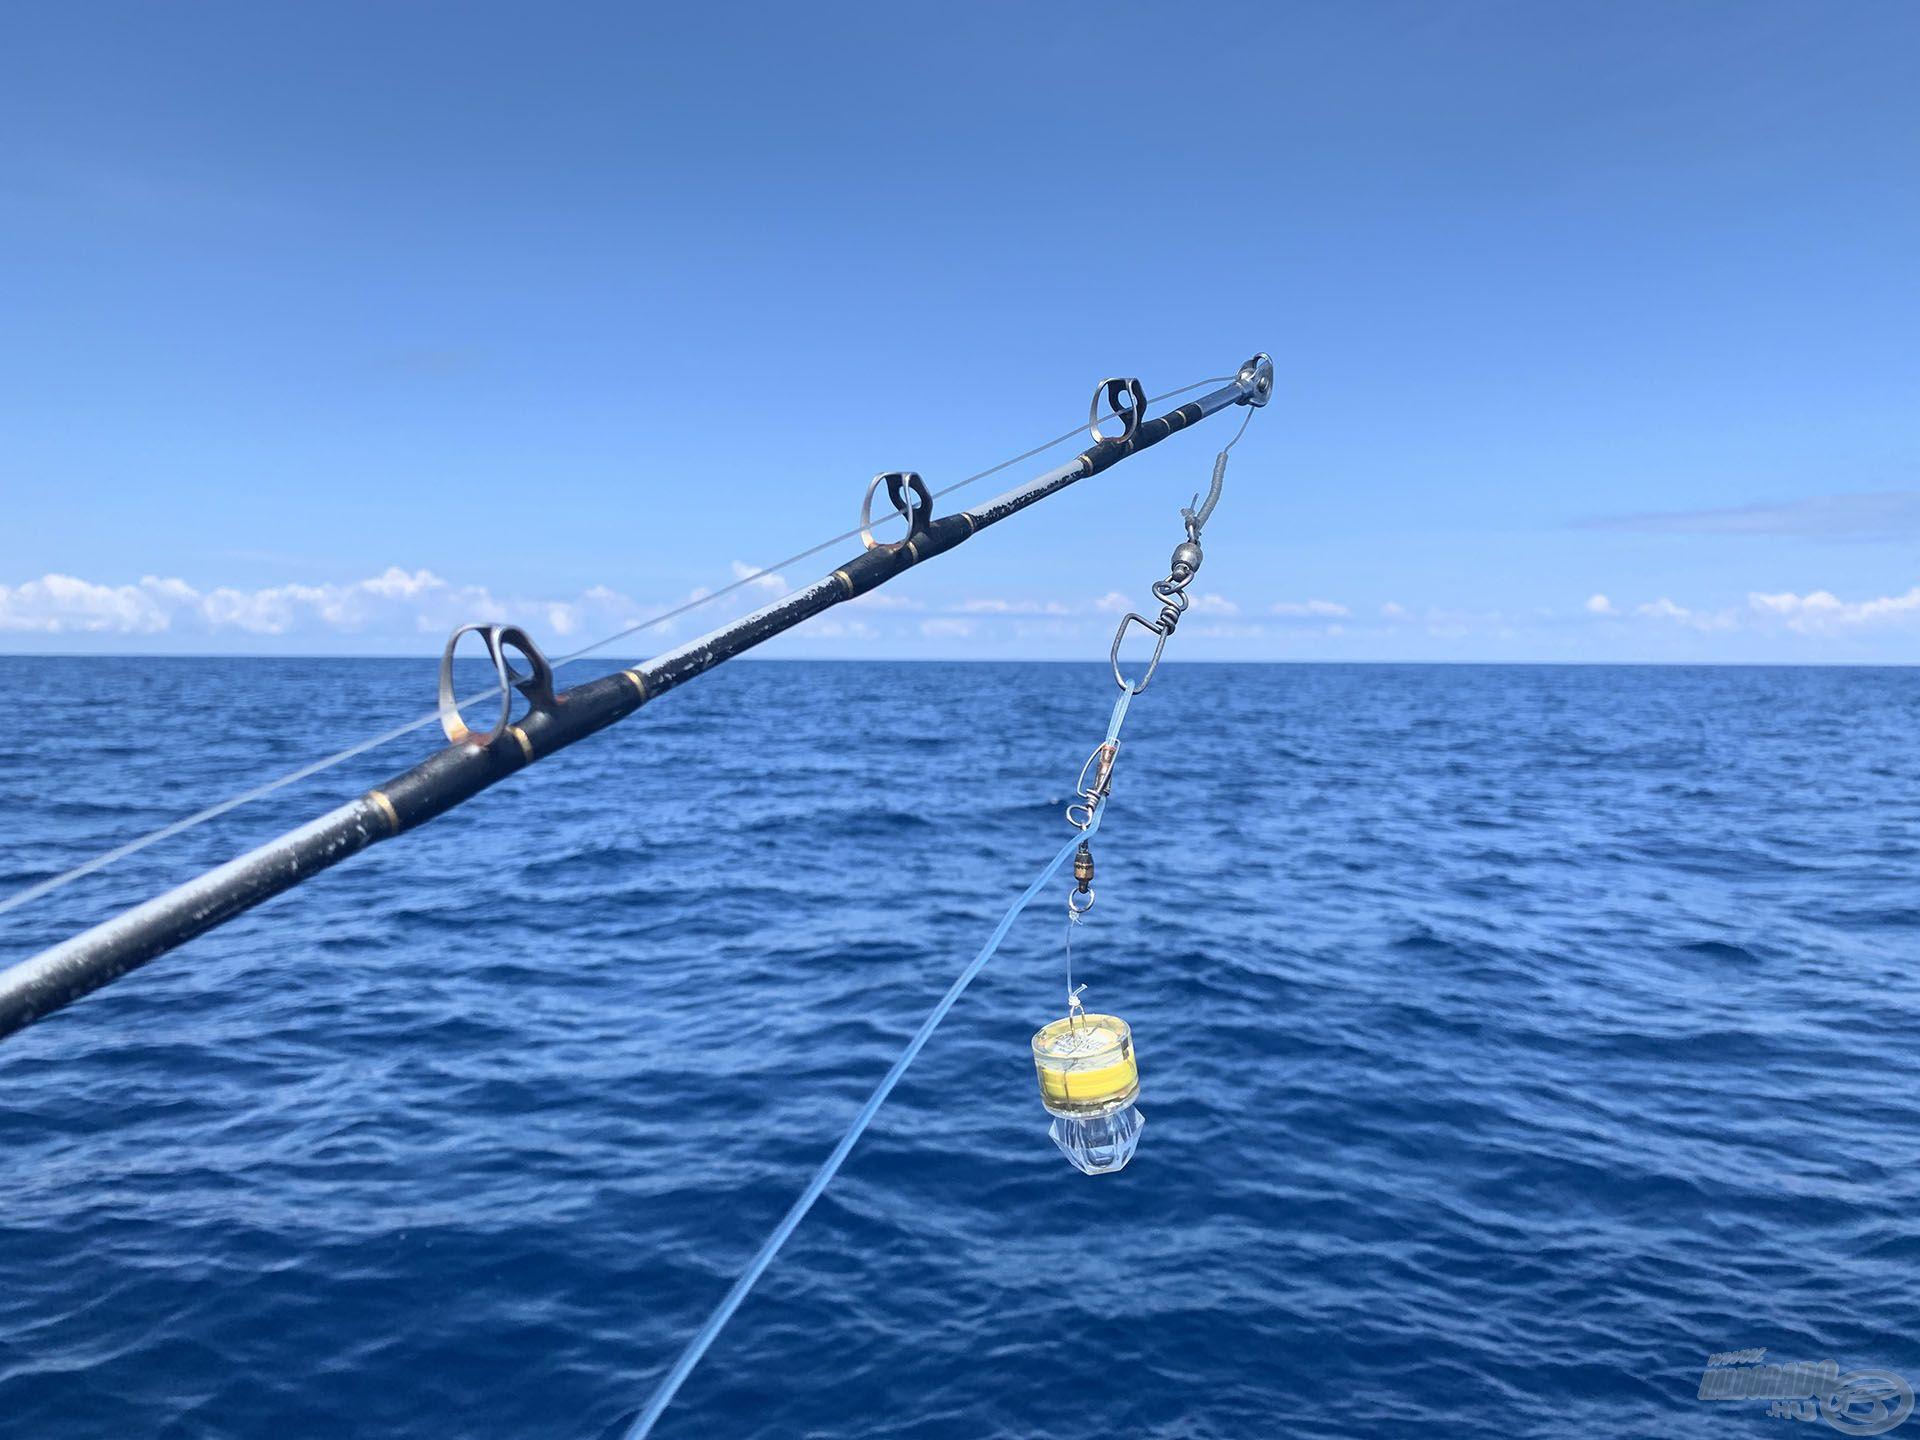 Itt 600 méter mélyen vontattuk a csalit, 150 méter alatt a víz már teljesen sötét. A végszerelékbe beiktattak egy villogó LED-et, amelyet még biztos nem láttak az itt élő halak